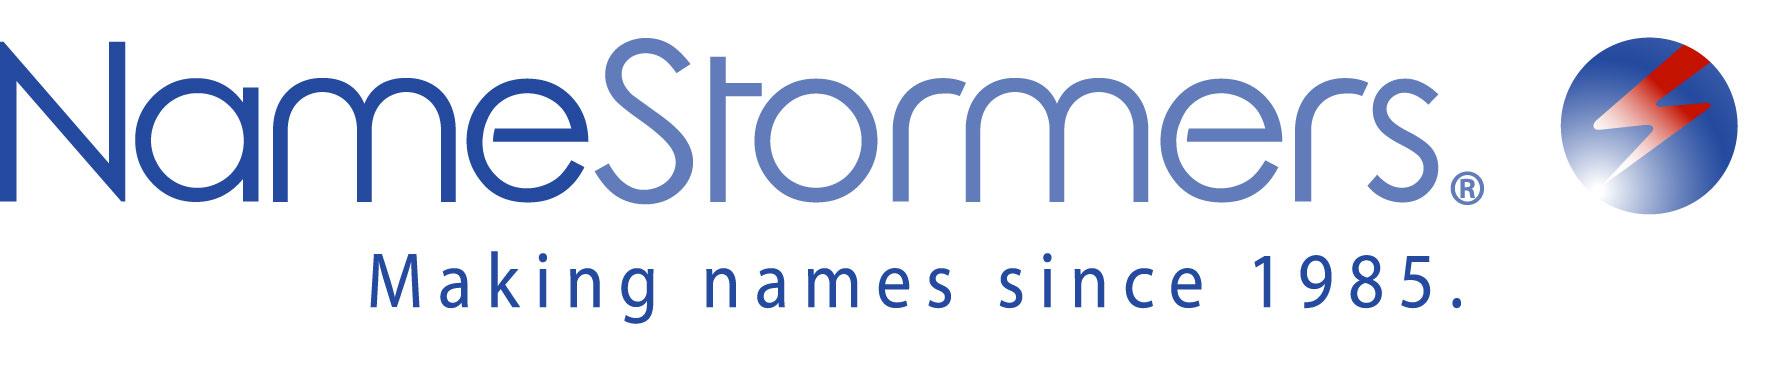 NameStormers